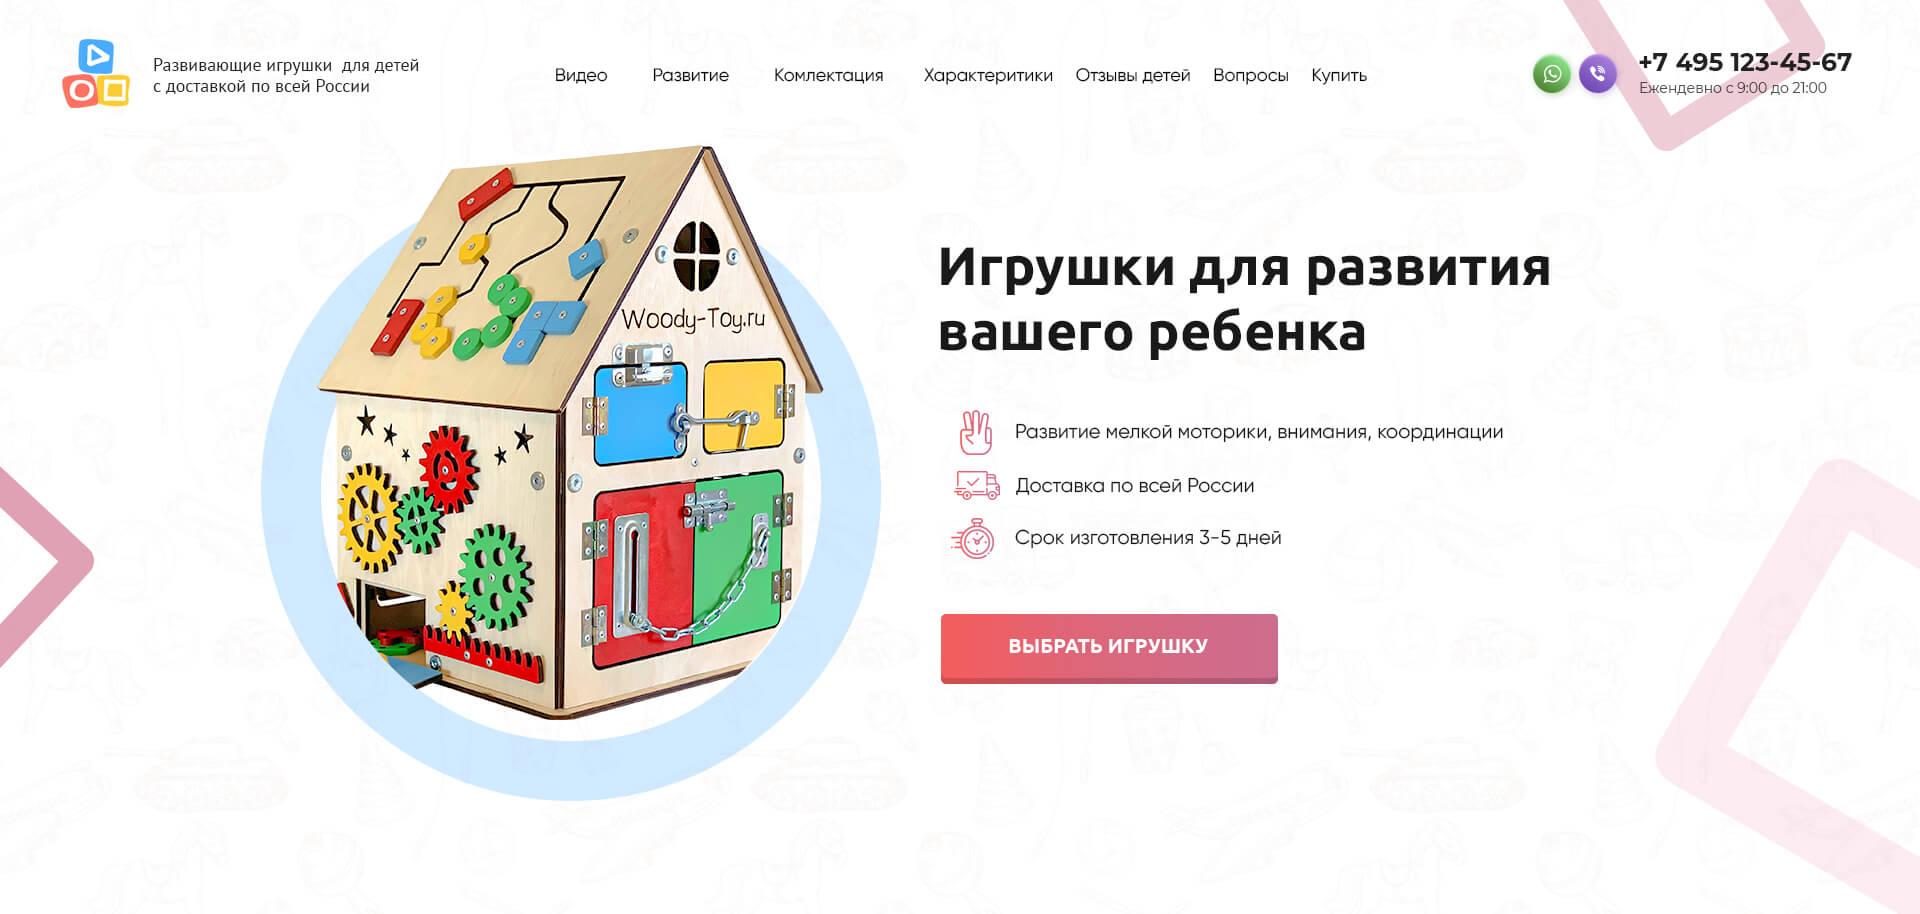 Дизайн лендинга для компании по продаже развивающих игрушек 3